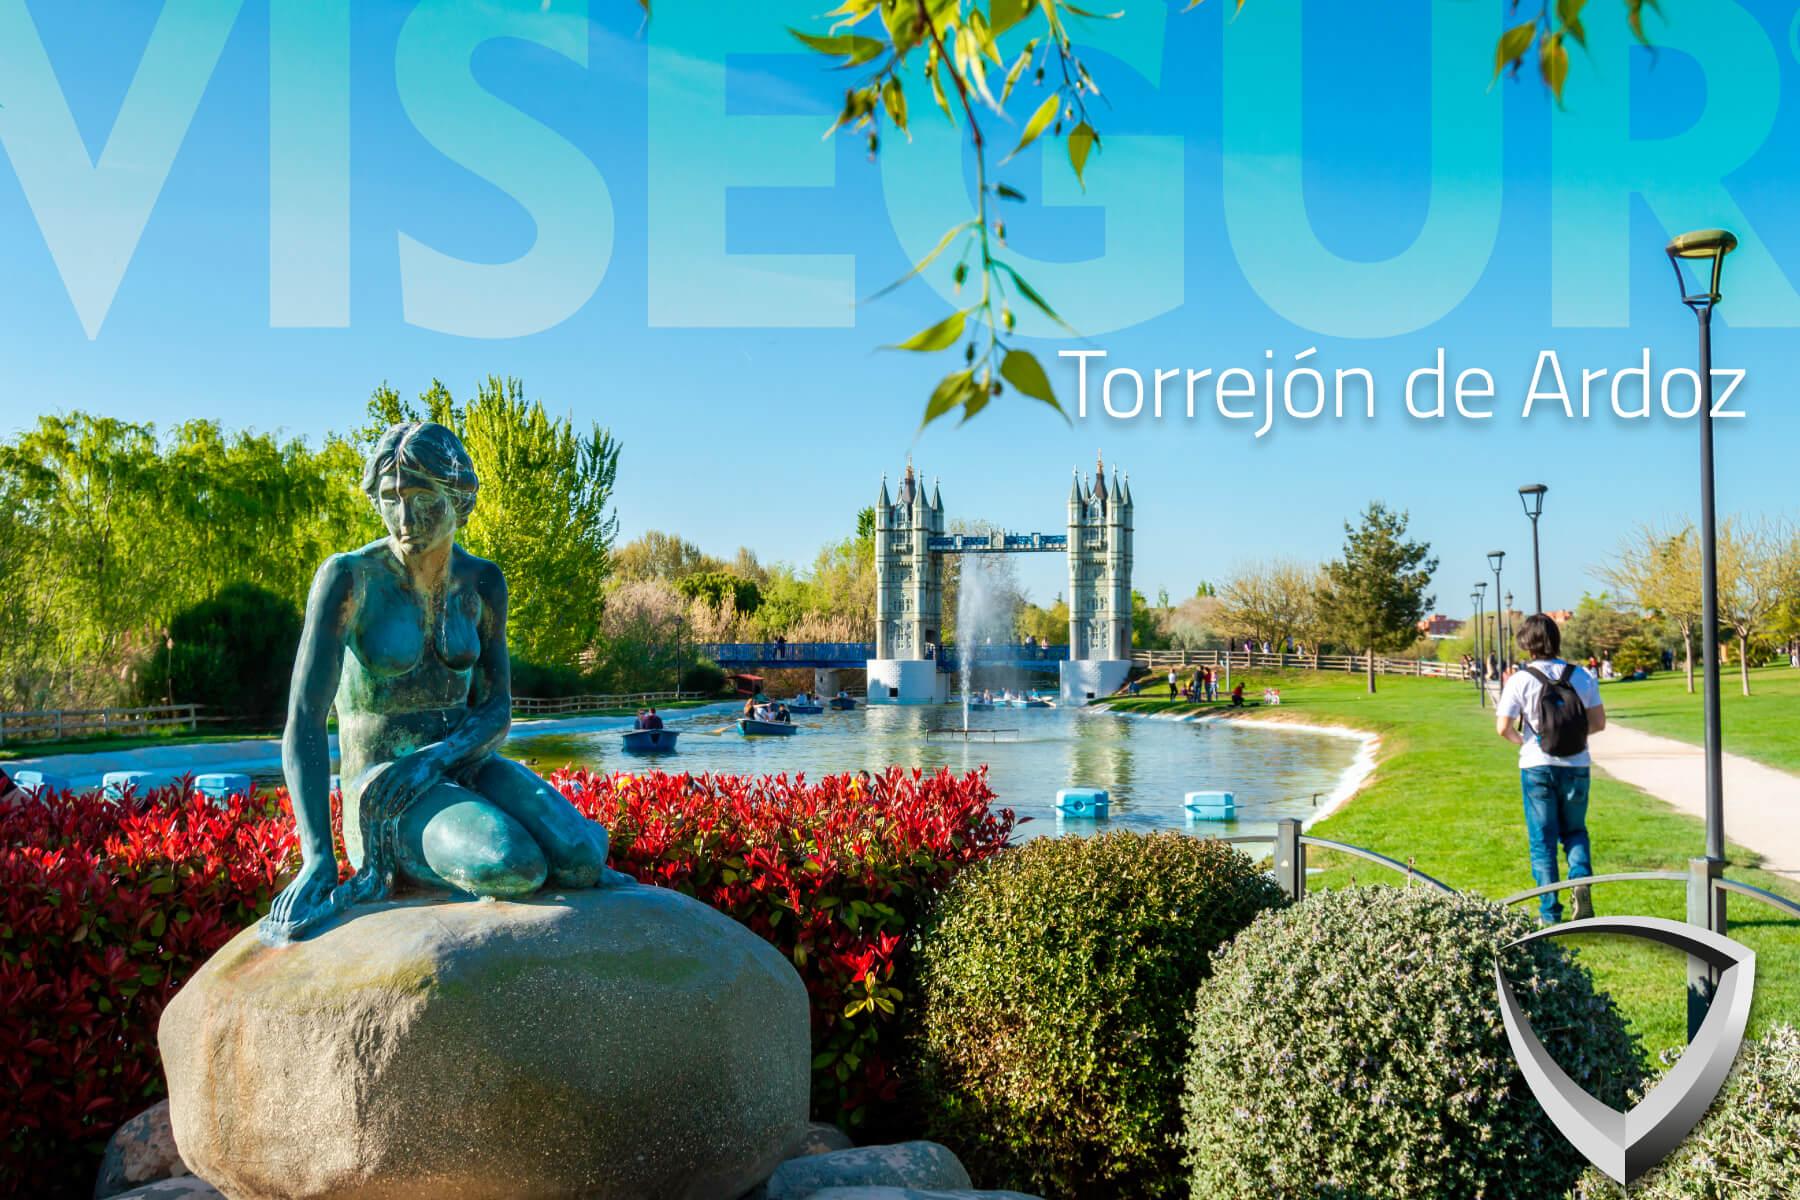 Alarmas en Torrejón de Ardoz: la tranquilidad de acertar con Visegur